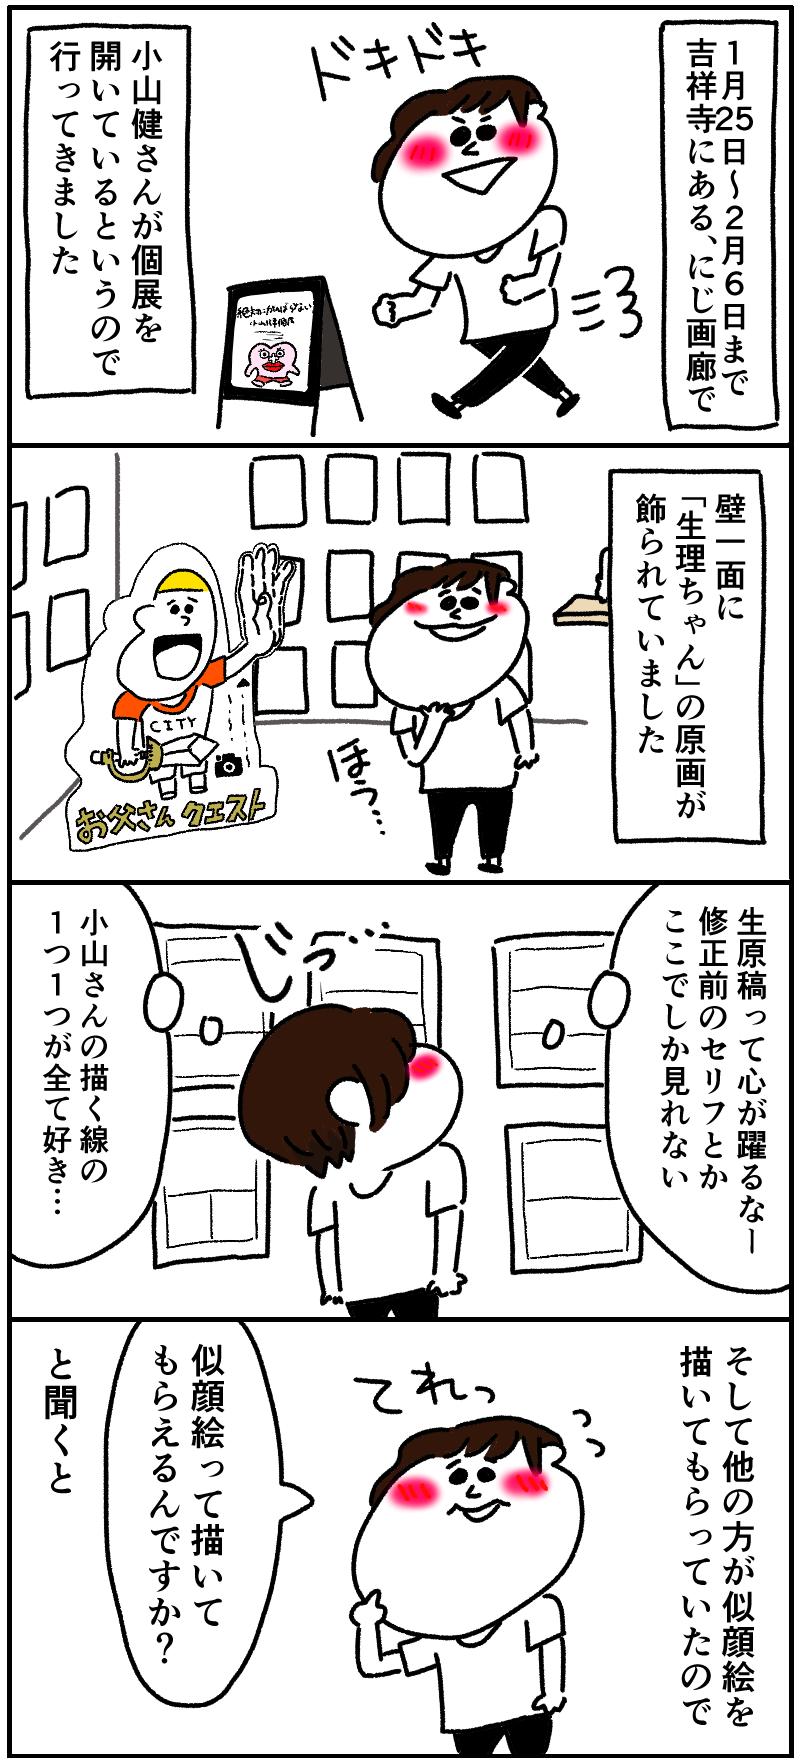 小山健さんの個展「絶対にがんばらない」に行ってきた話_f0346353_21085919.png